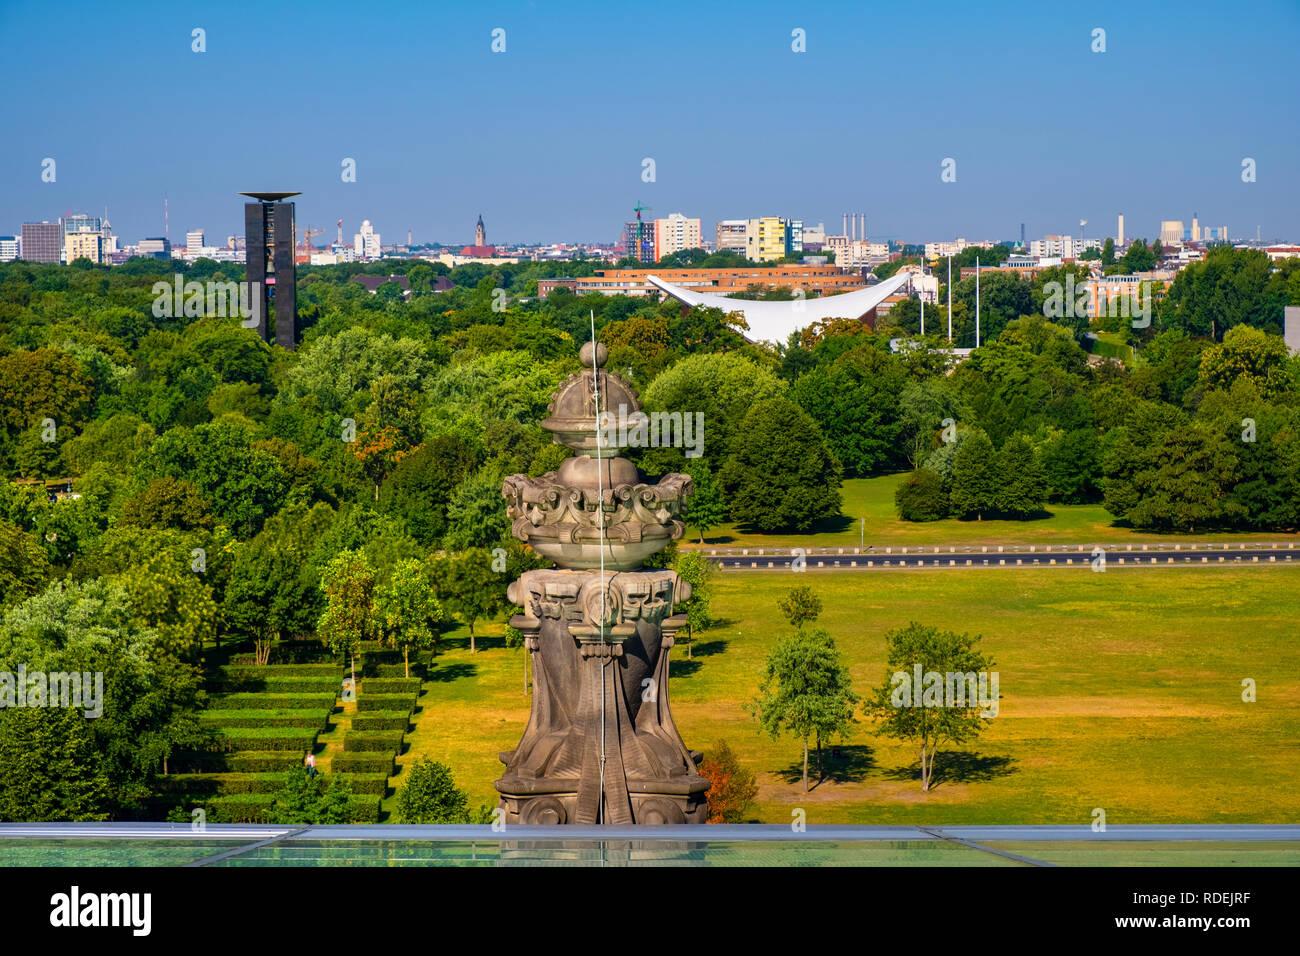 Berlin, Berlin state / Alemania - 2018/07/31: Vista panorámica de la Groser parque Tiergarten con moderna casa de las Culturas del Mundo Imagen De Stock